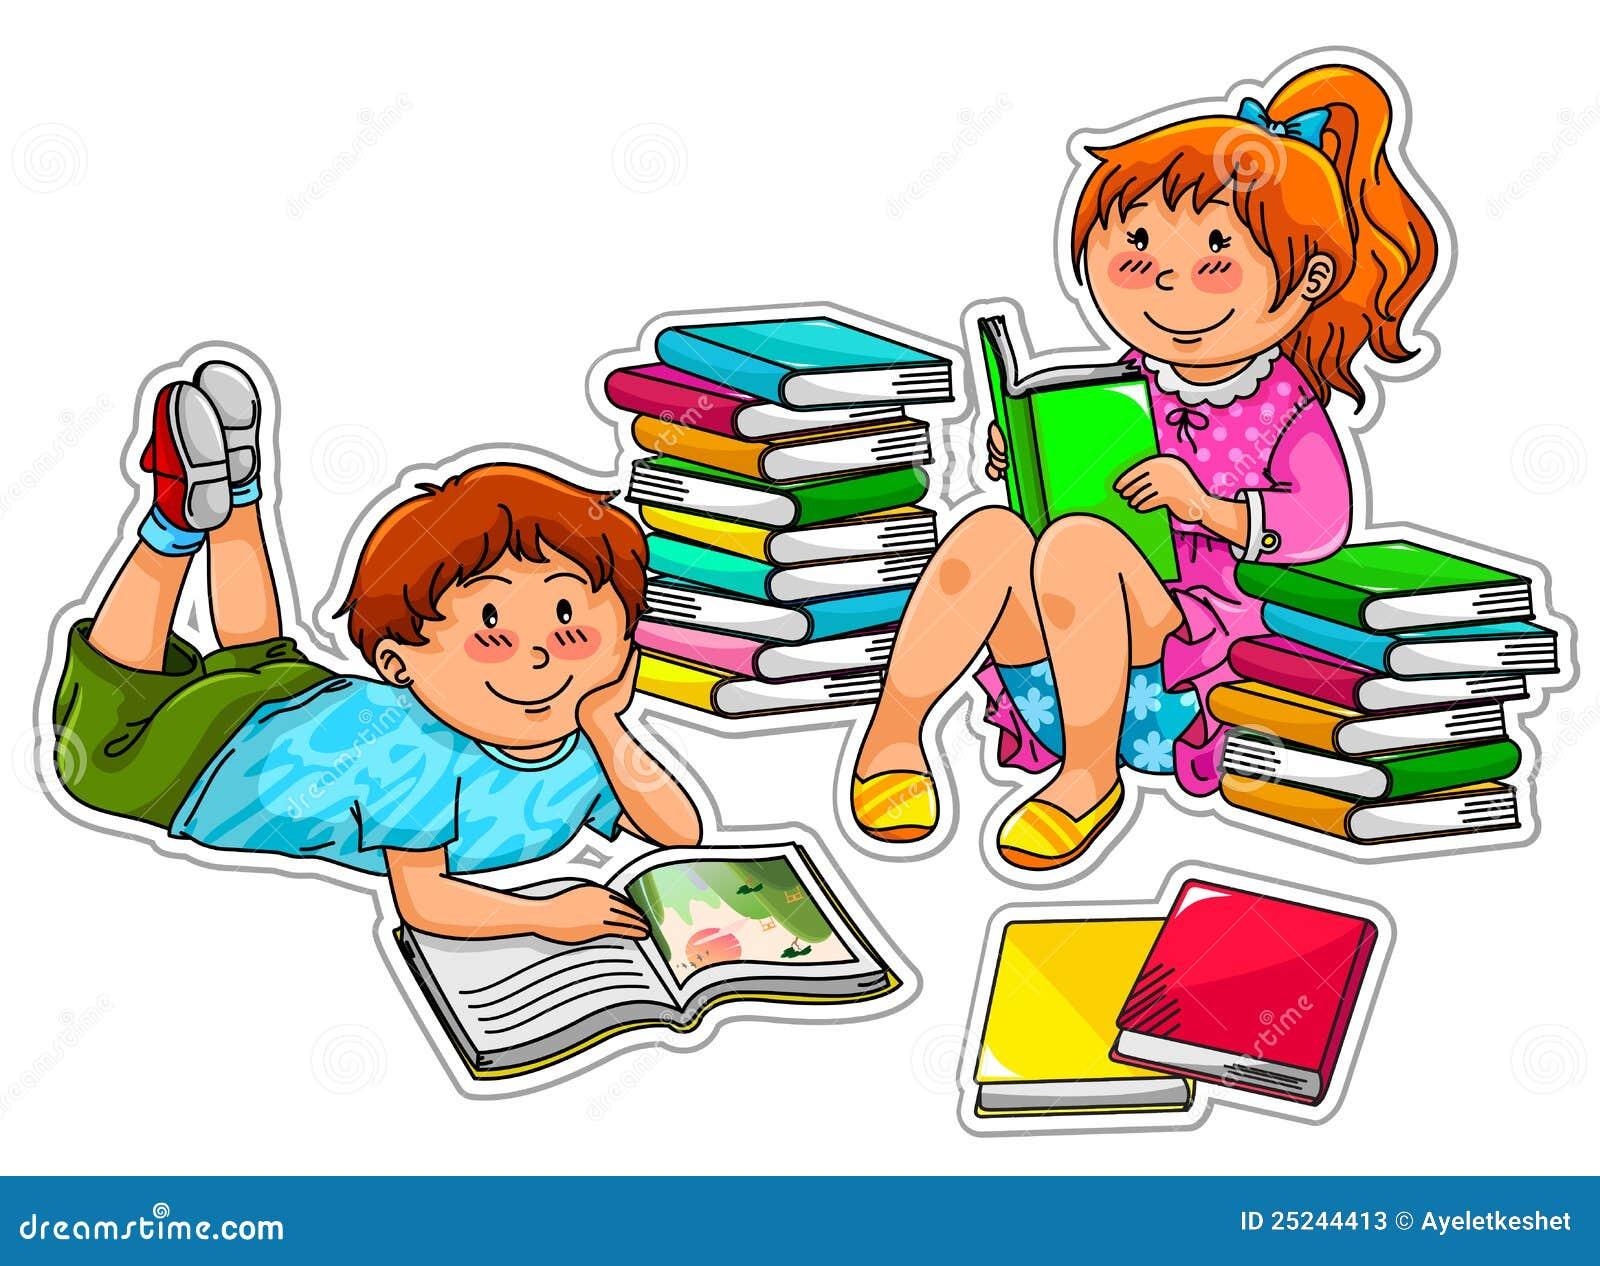 Bücherei clipart  Lesekinder Stockfotos - Bild: 25244413